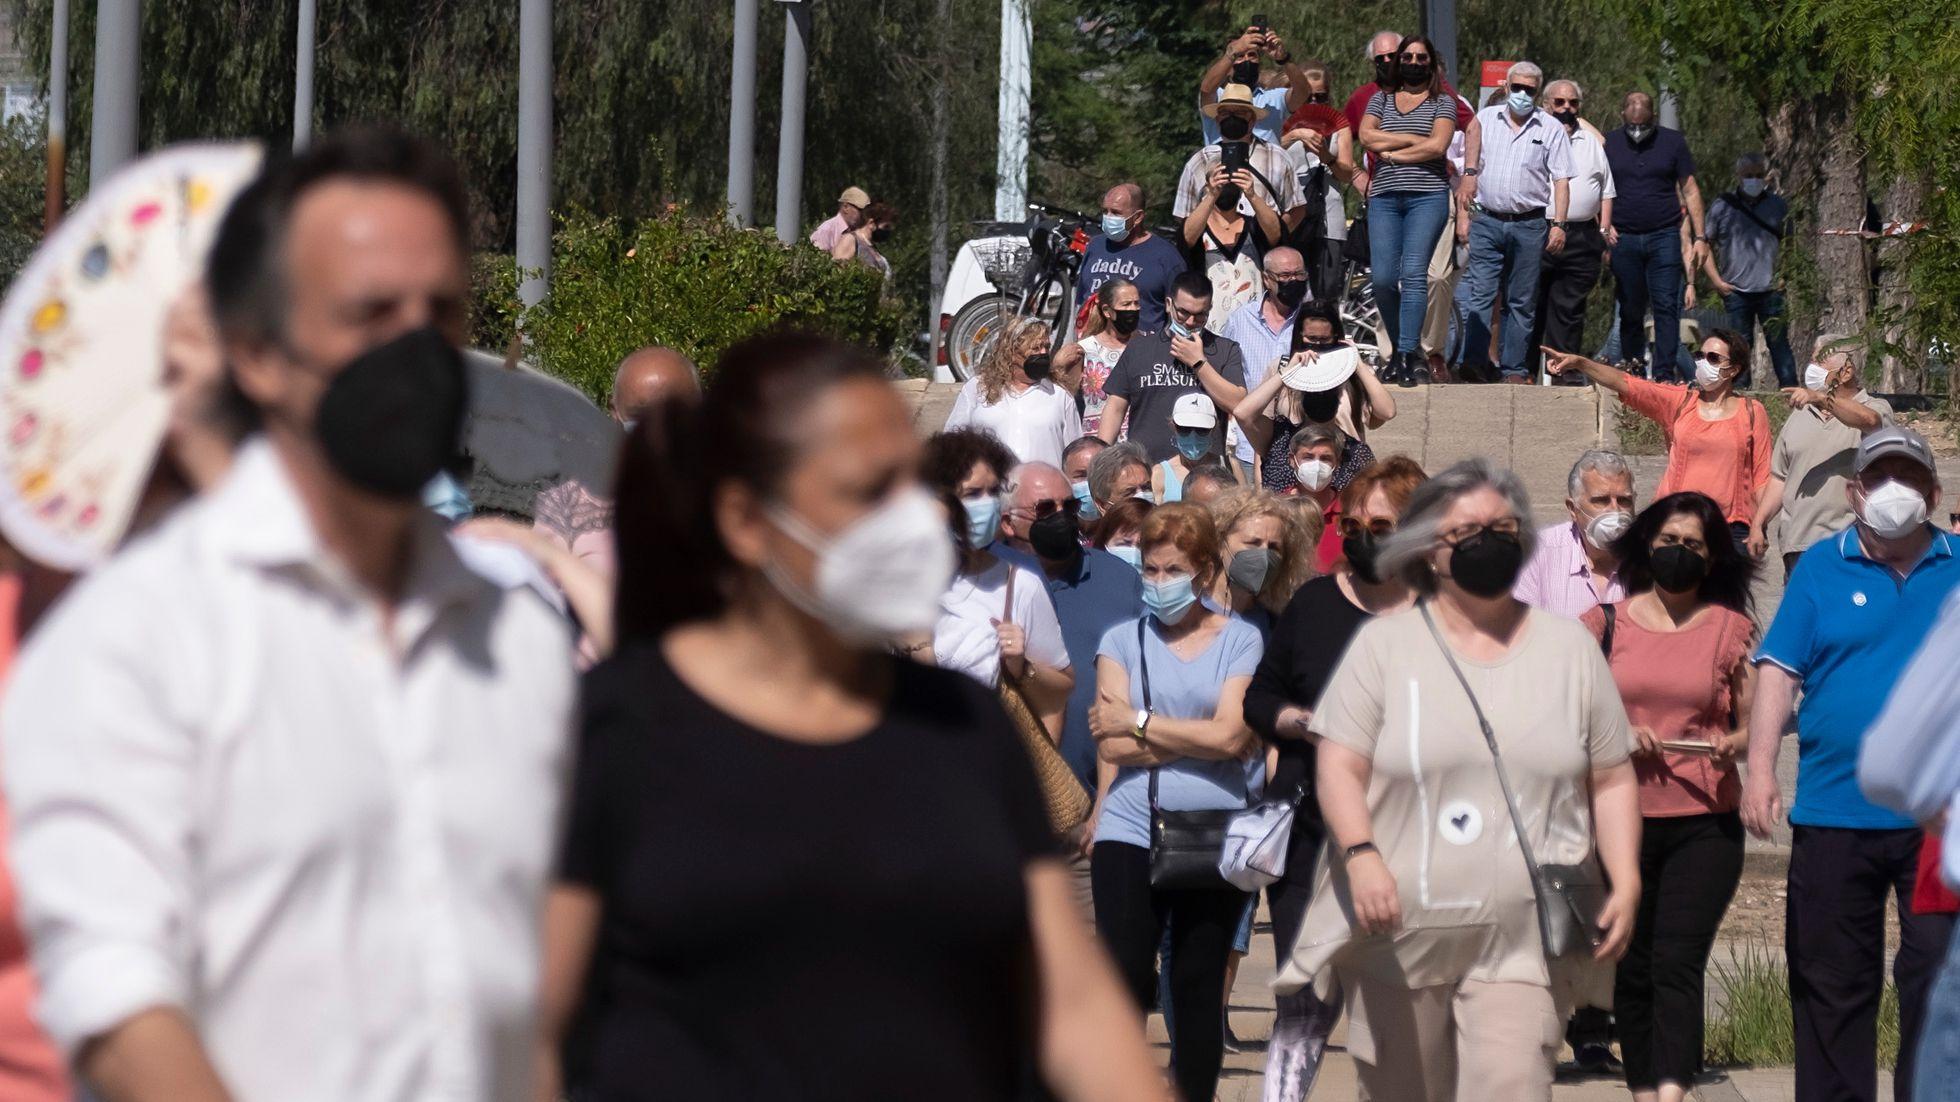 西班牙將取消戶外戴口罩規定 26日生效